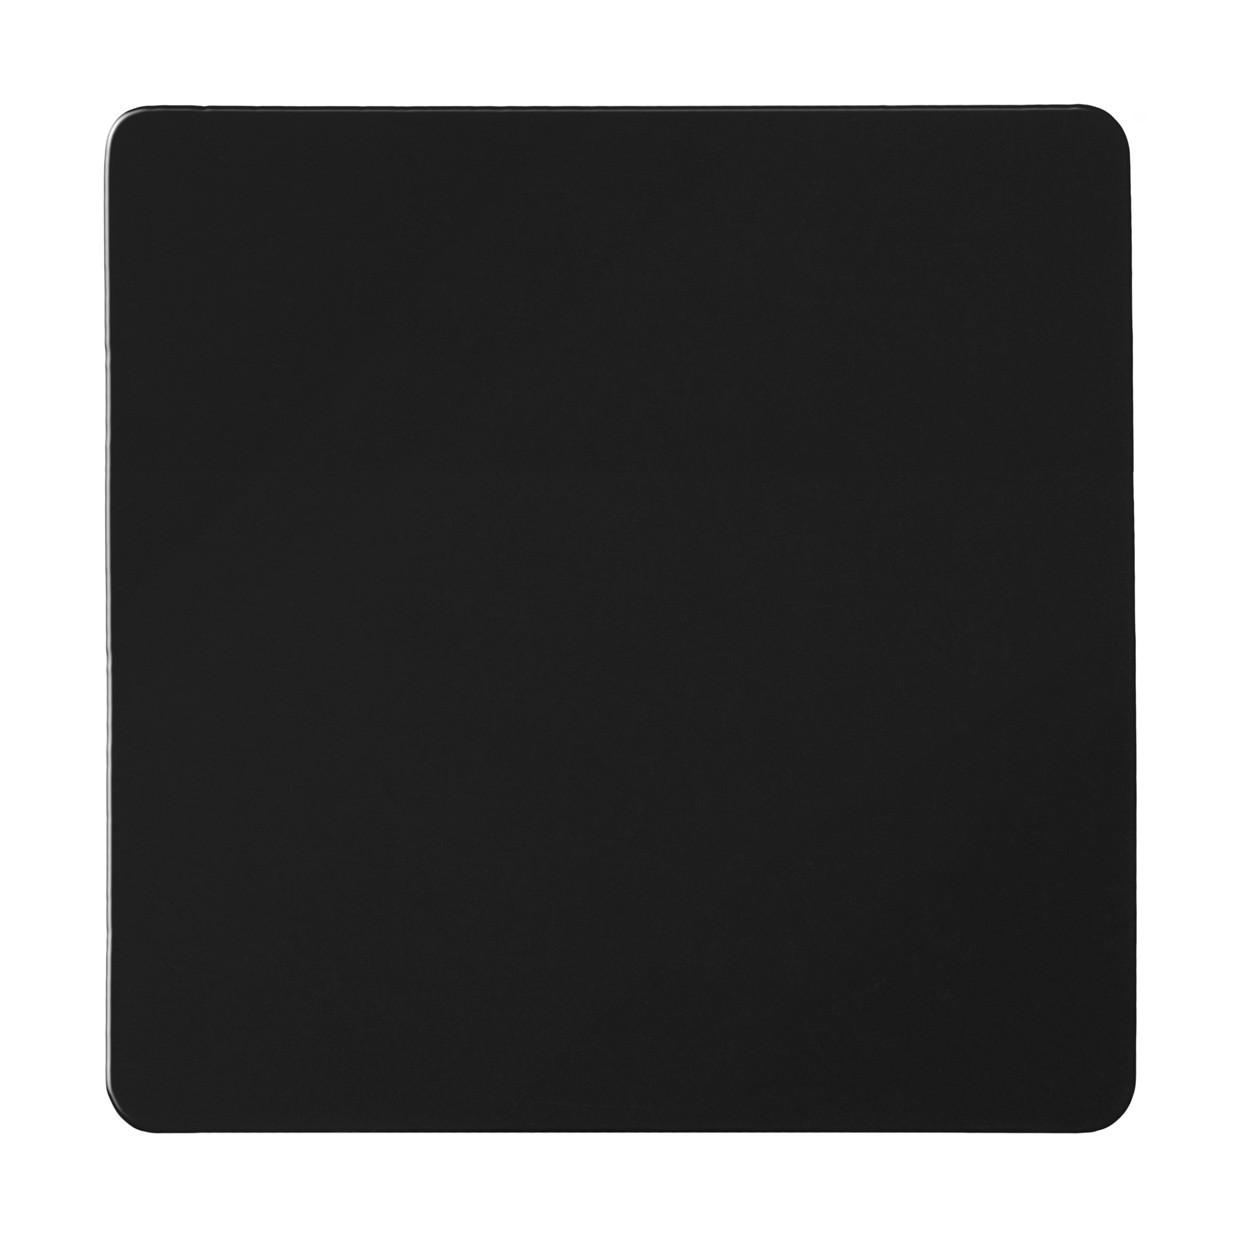 Magnet Frigider Daken - Negru